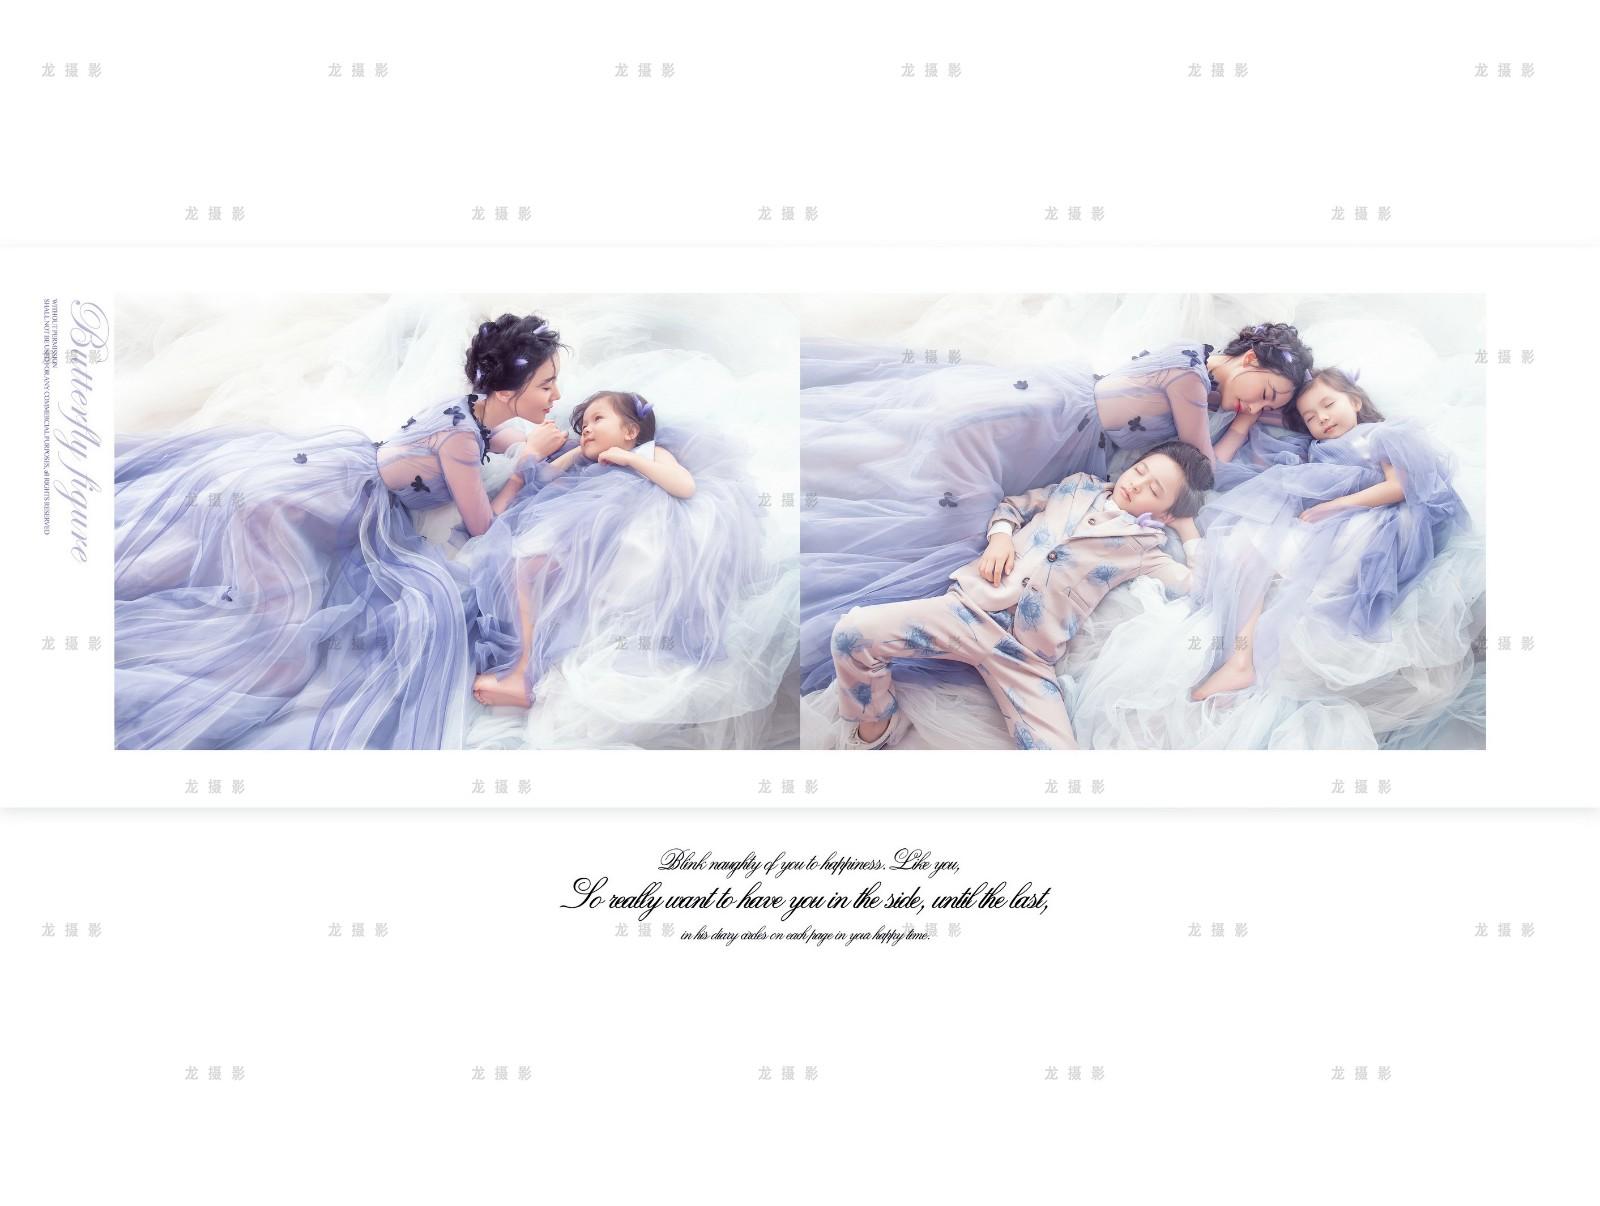 依赖系列 样片展示-朝阳尊爵龙摄影有限公司